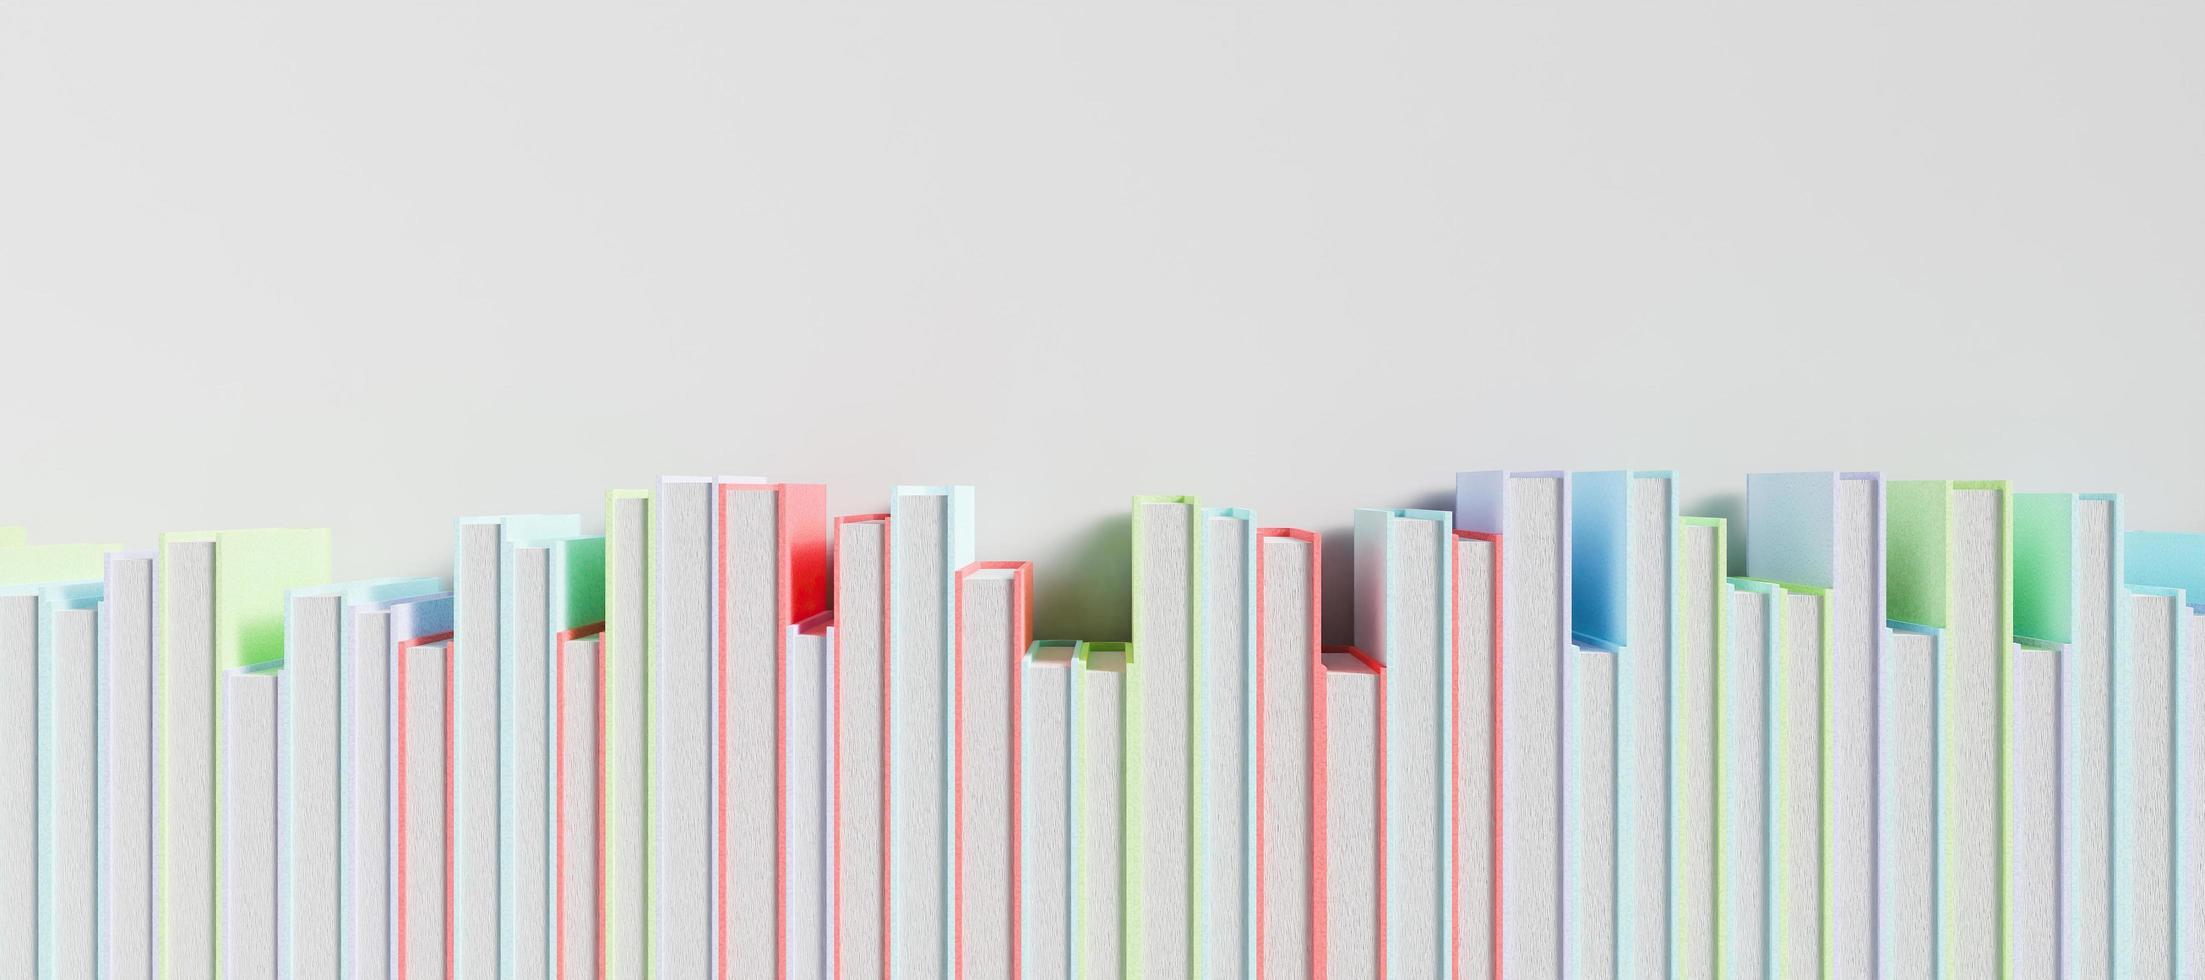 banner av en rad färgade böcker foto